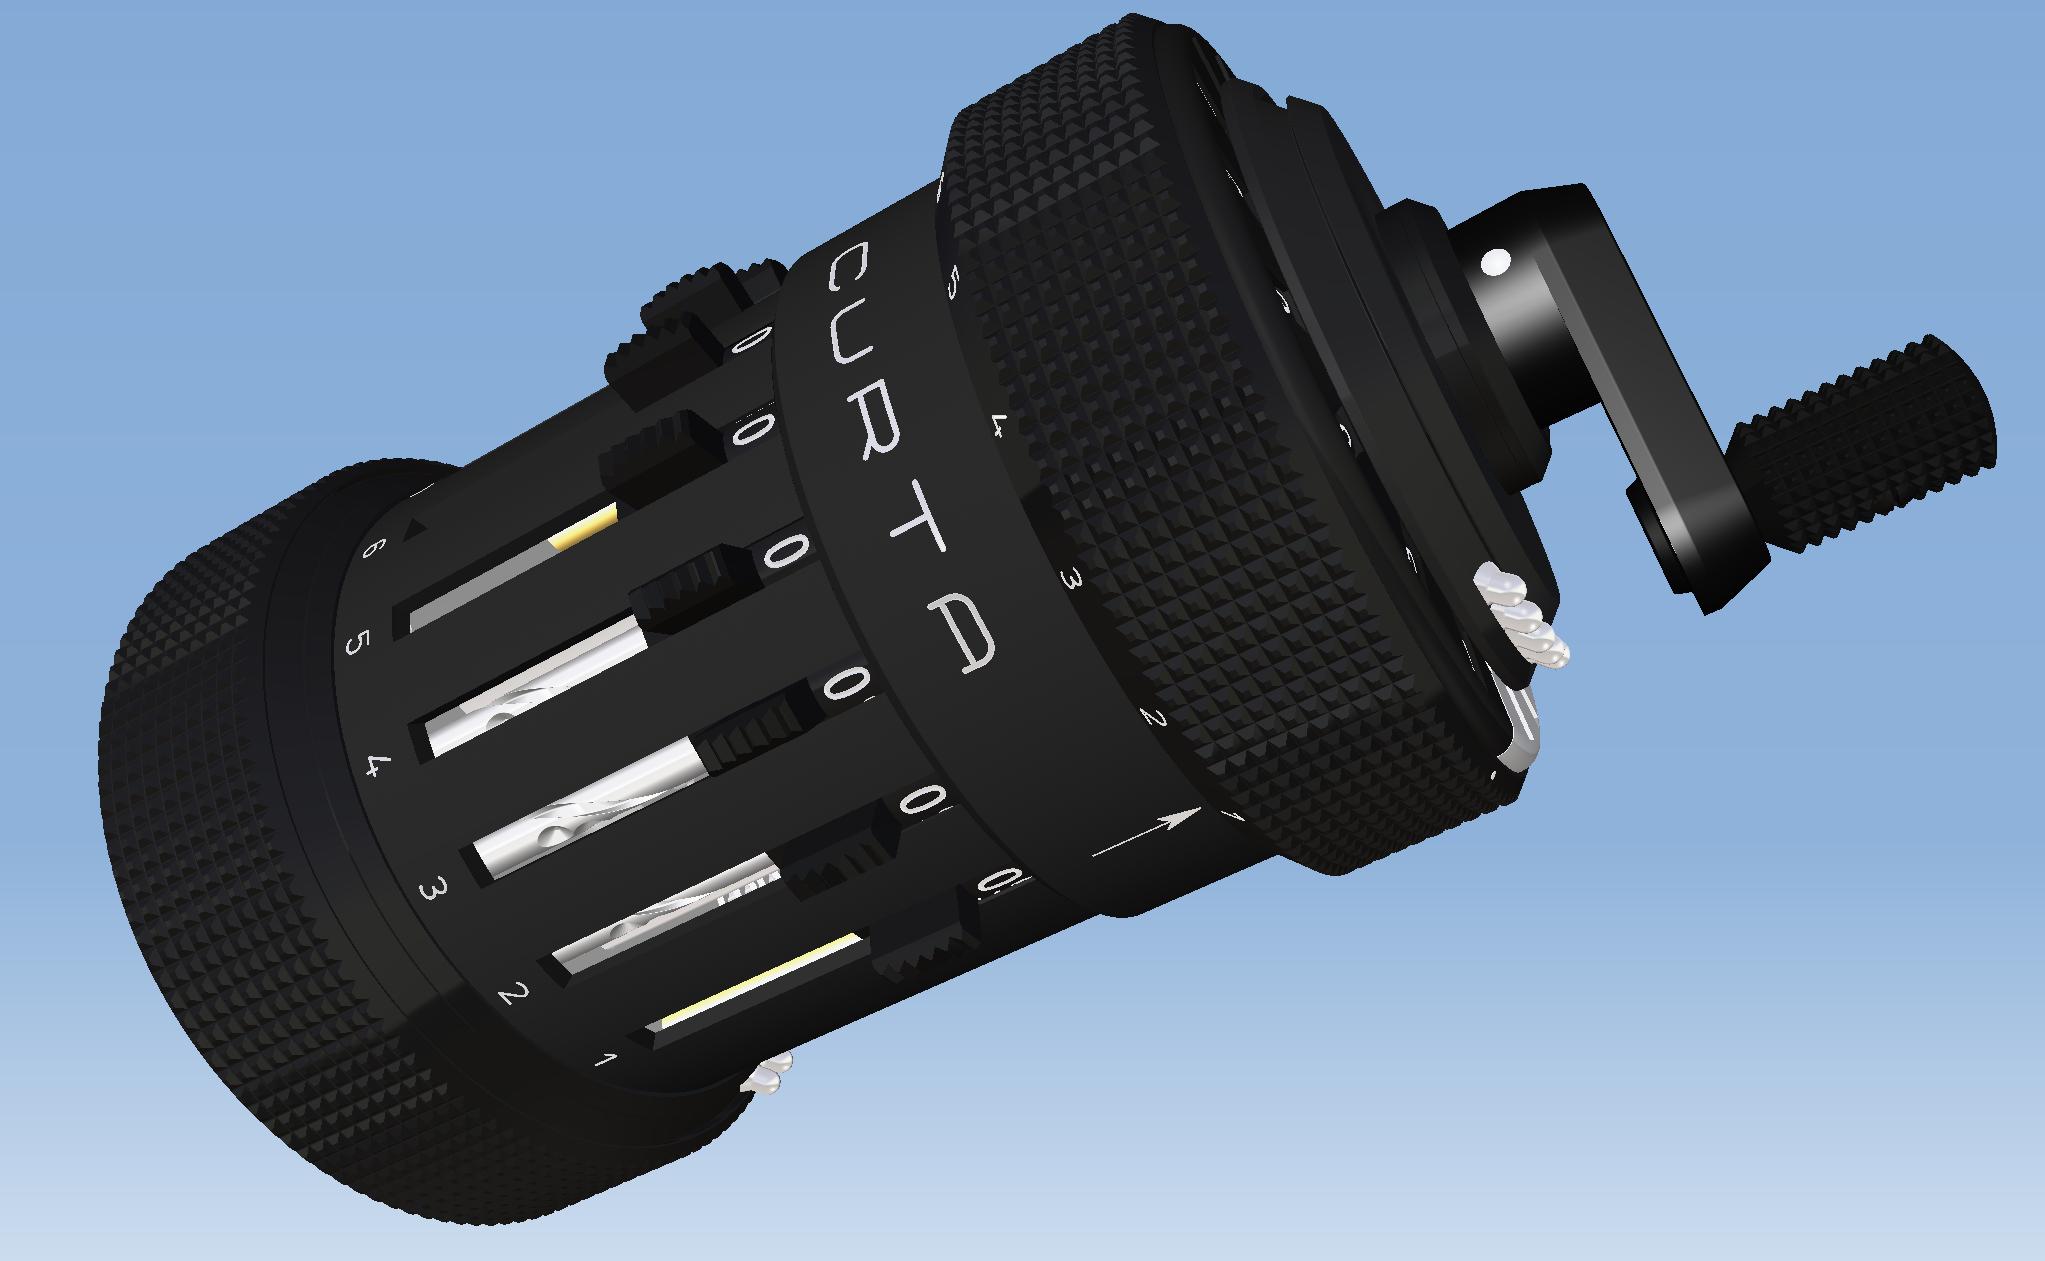 手持机械式计算器Curta三维建模图纸(Dammers版)STP格式